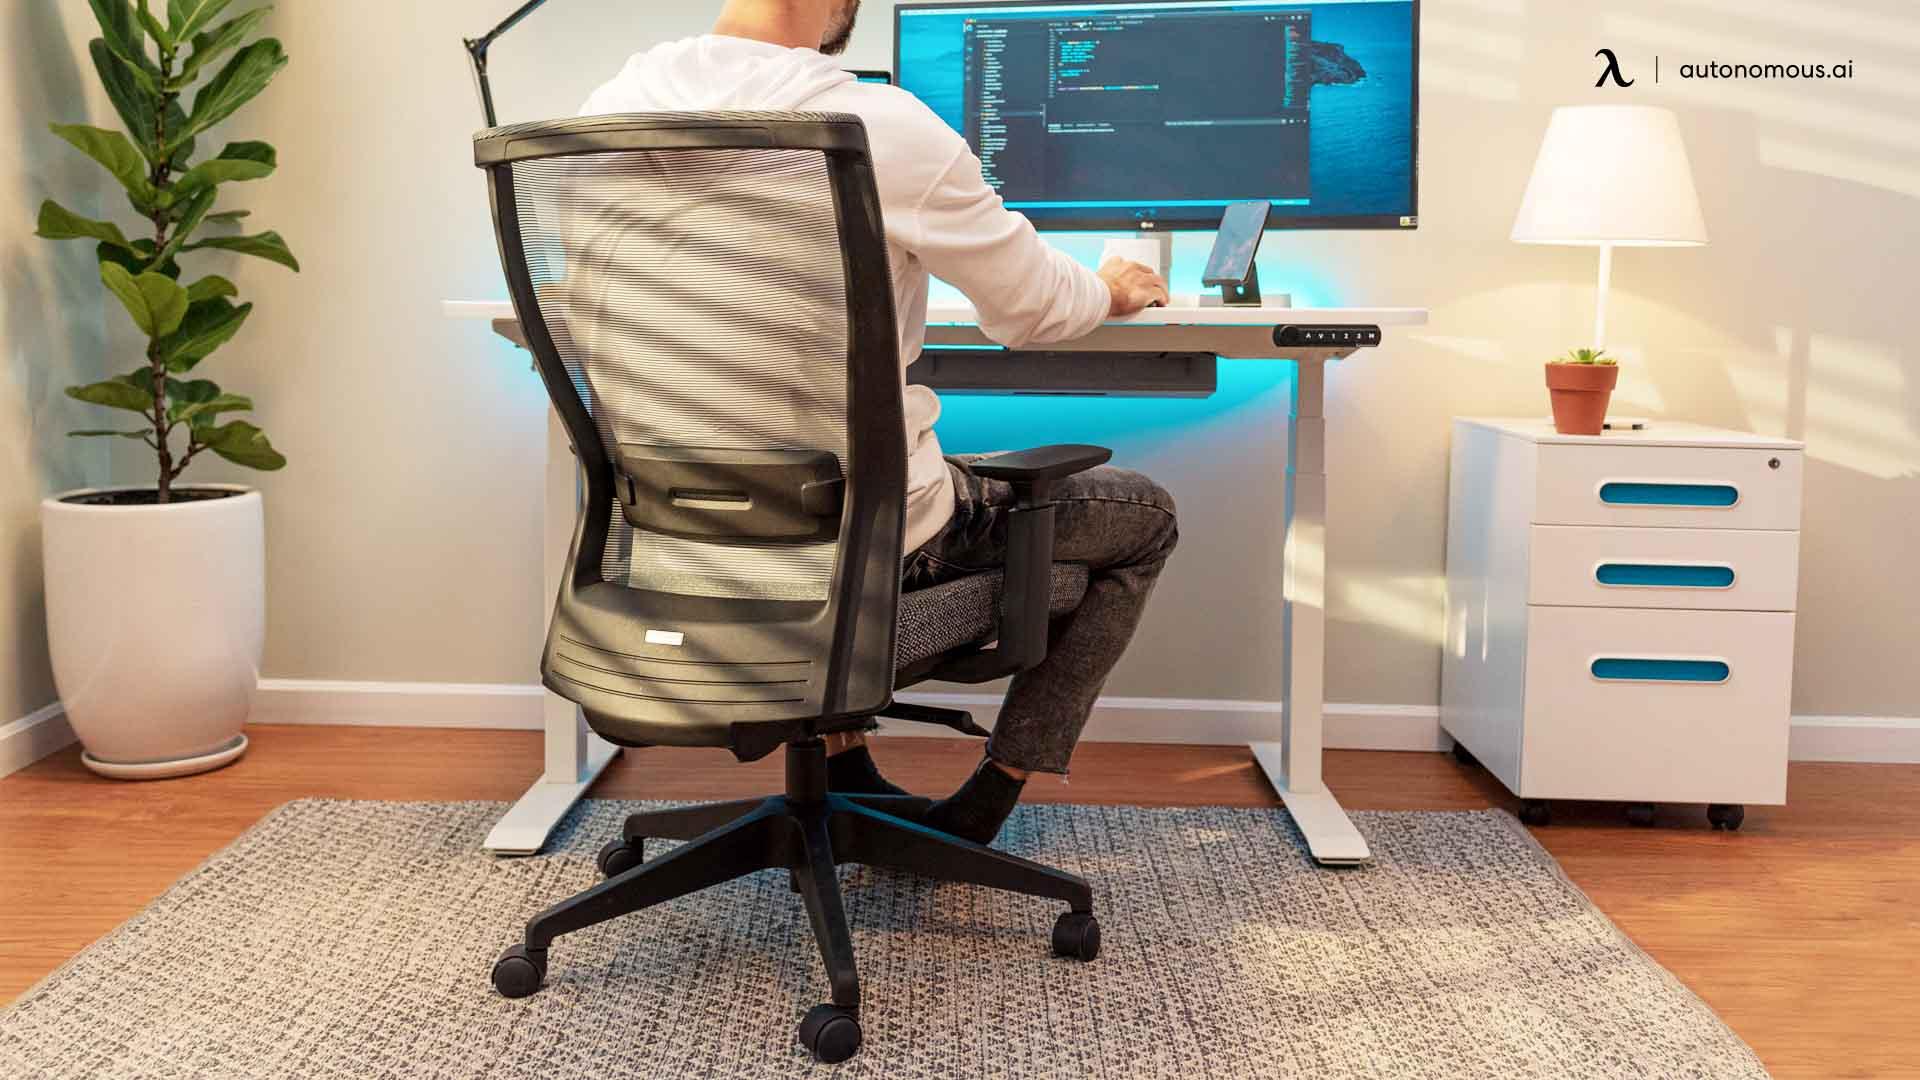 Autonomous Office Chair